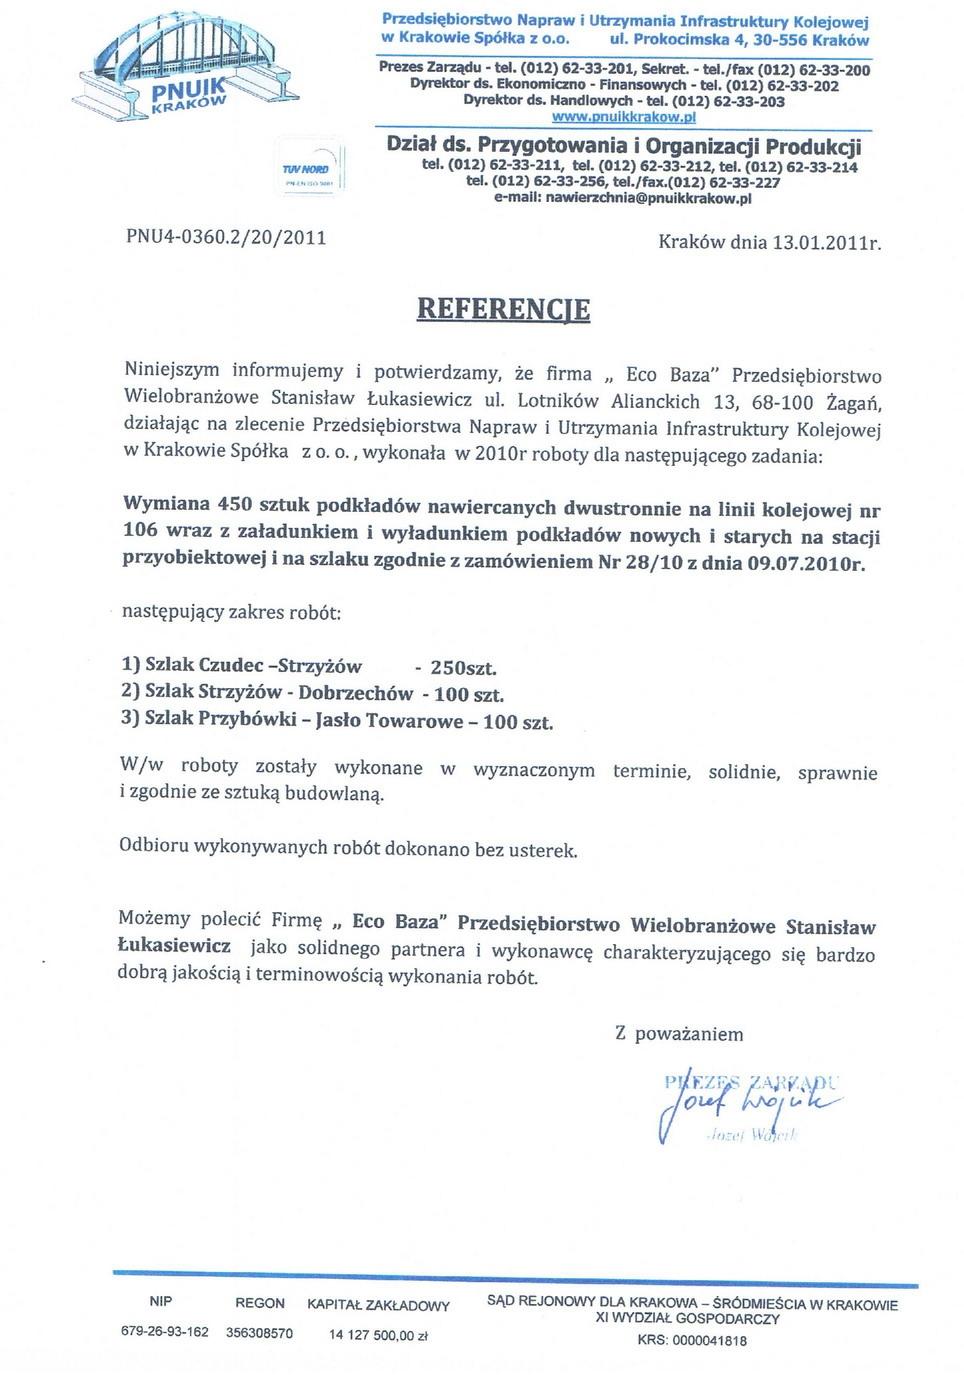 referencje_ecobaza_030